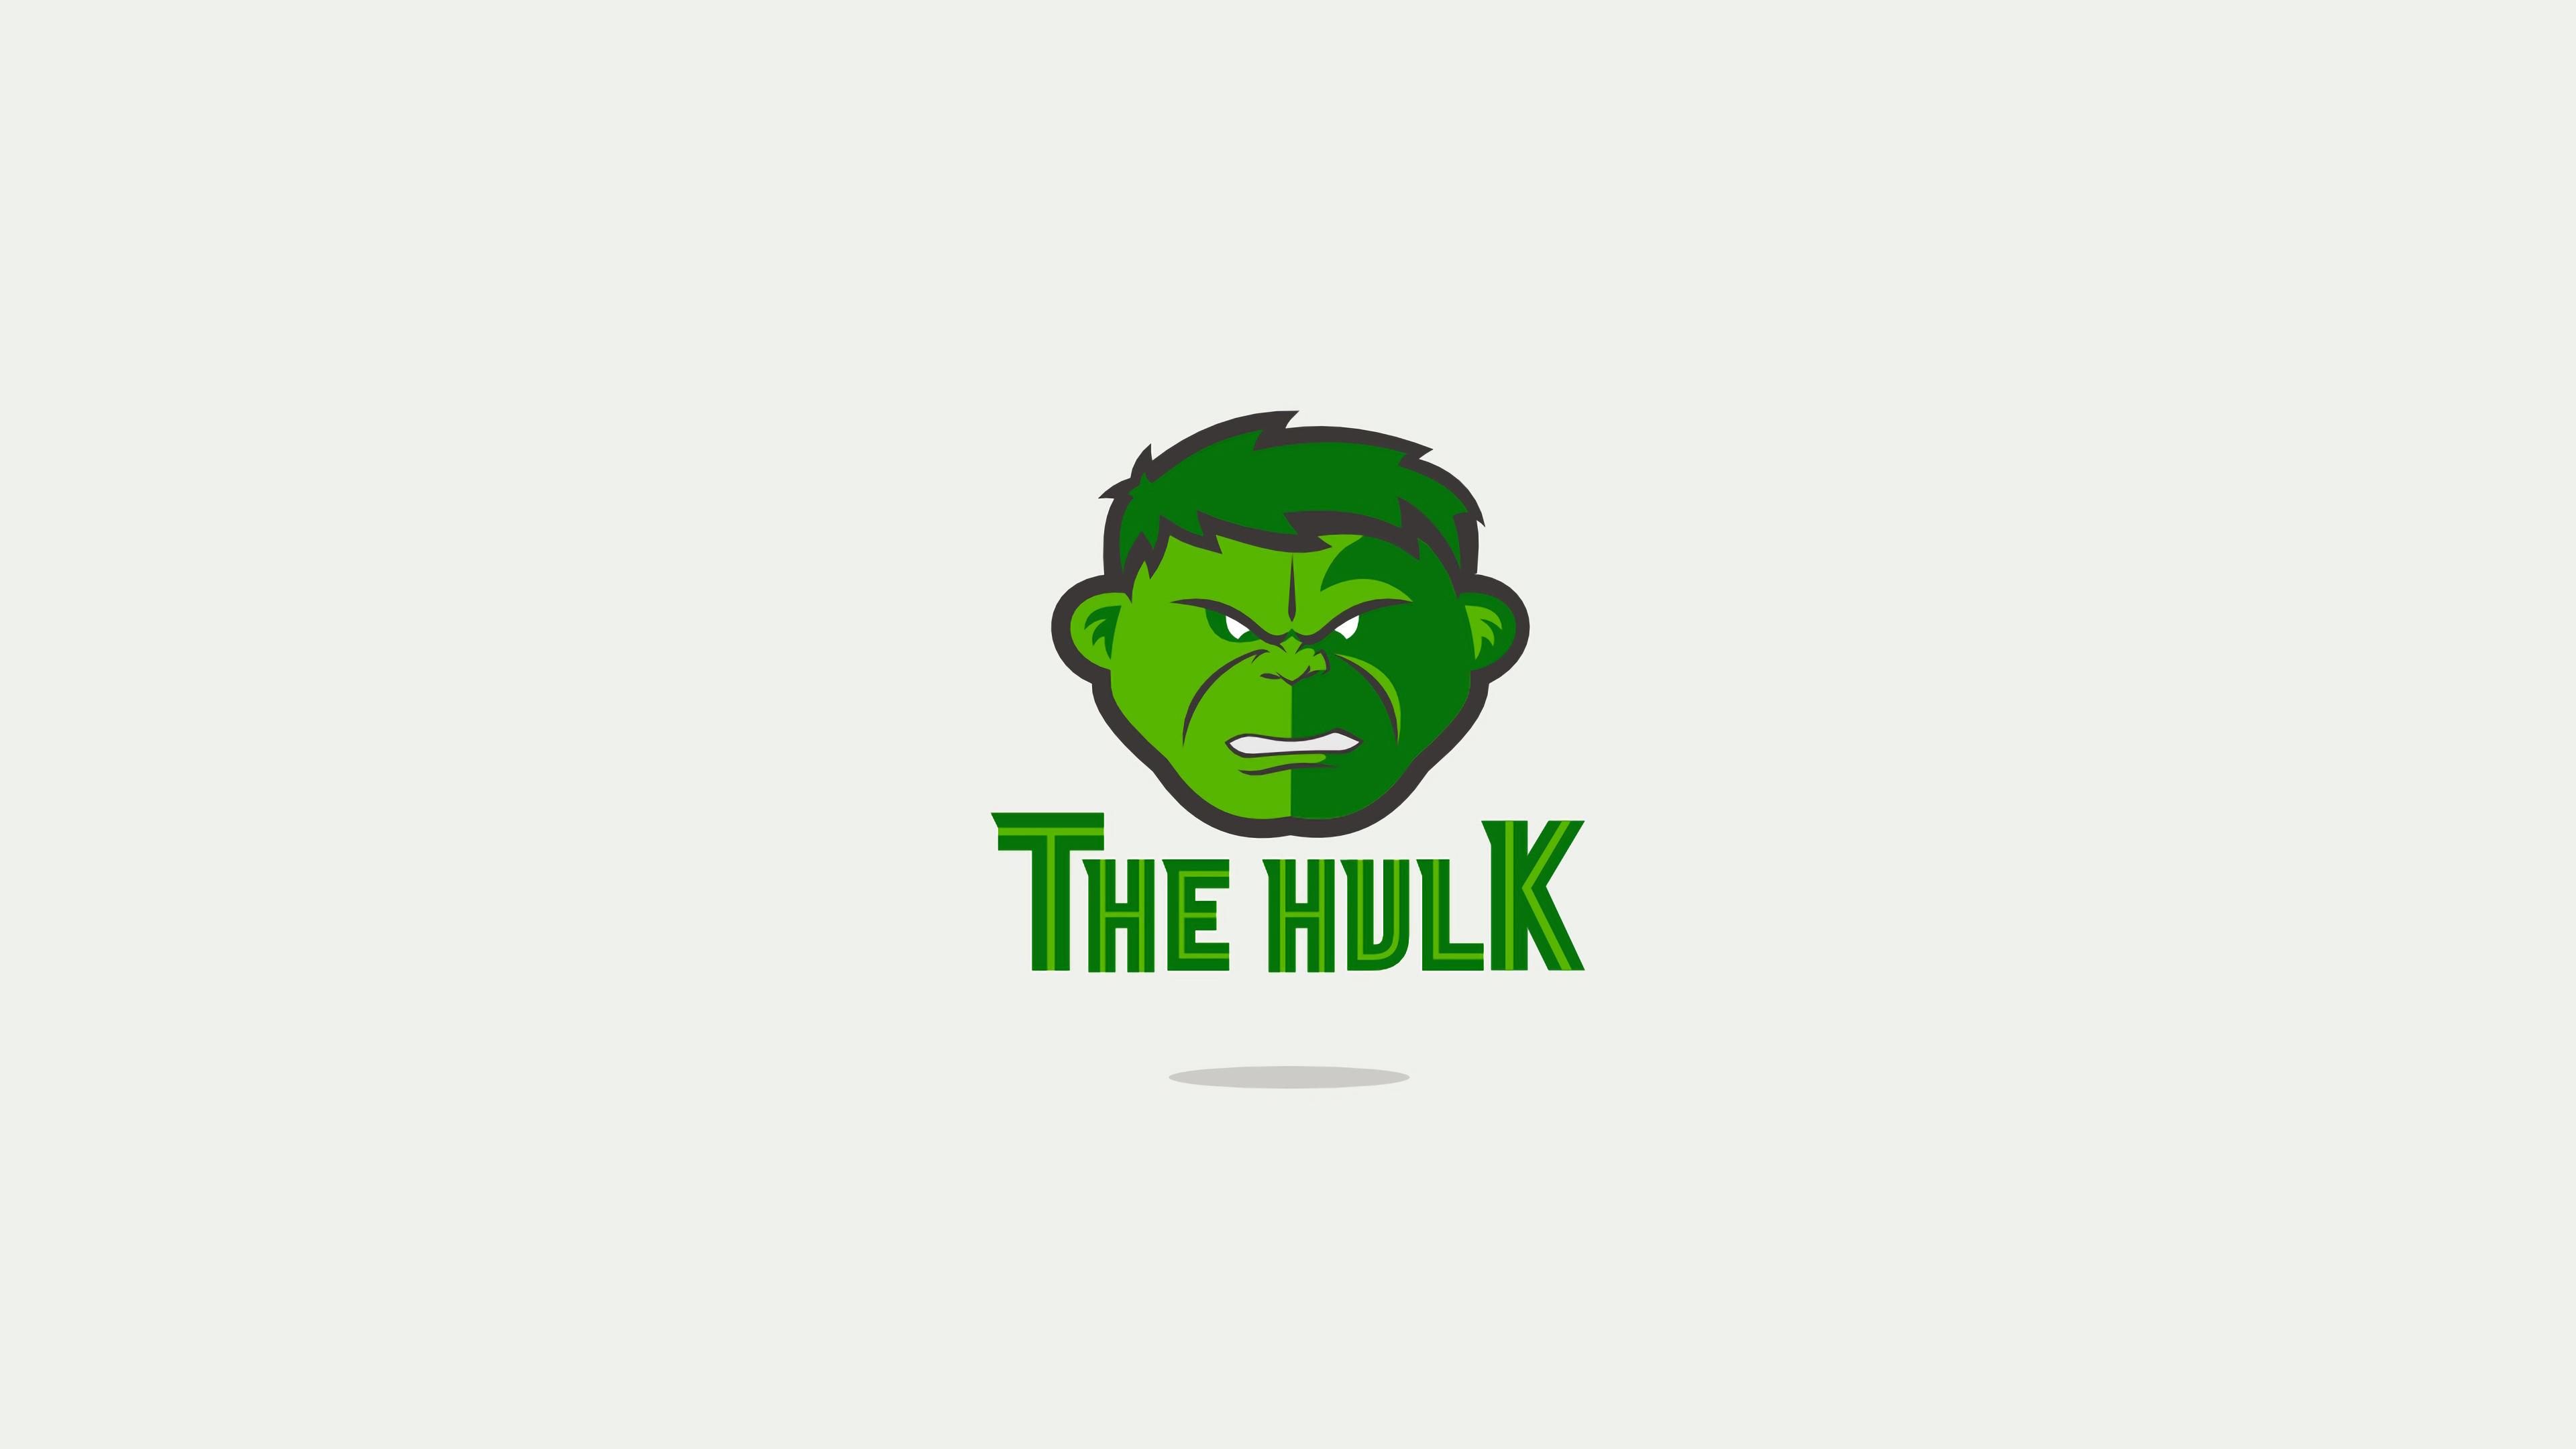 hulk minimal logo 1568055217 - Hulk Minimal Logo - superheroes wallpapers, minimalist wallpapers, minimalism wallpapers, hulk wallpapers, hd-wallpapers, behance wallpapers, 4k-wallpapers